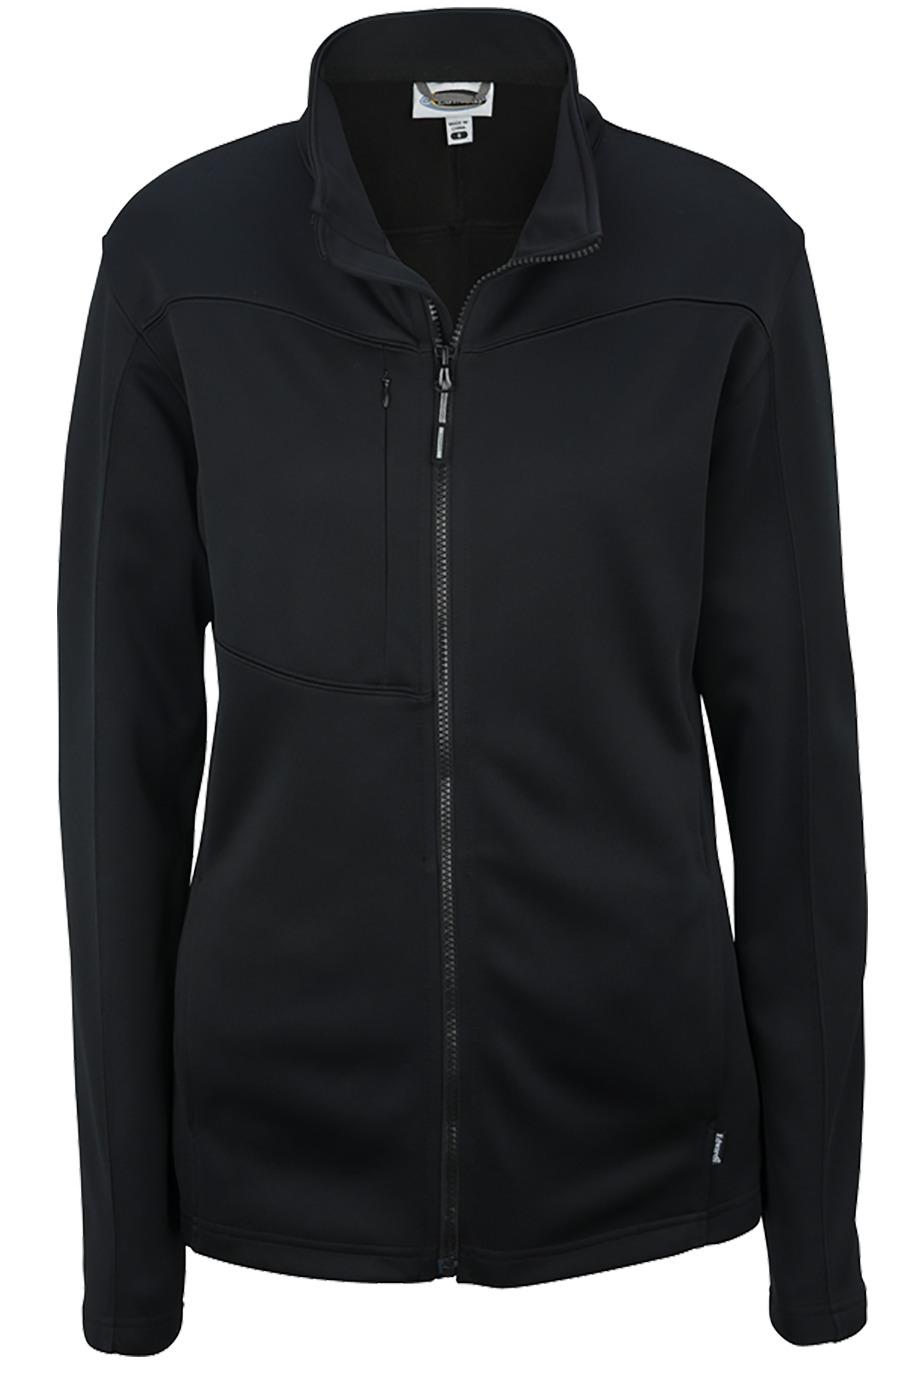 Edwards Garment 6440 - Women's Performance Tek Jacket